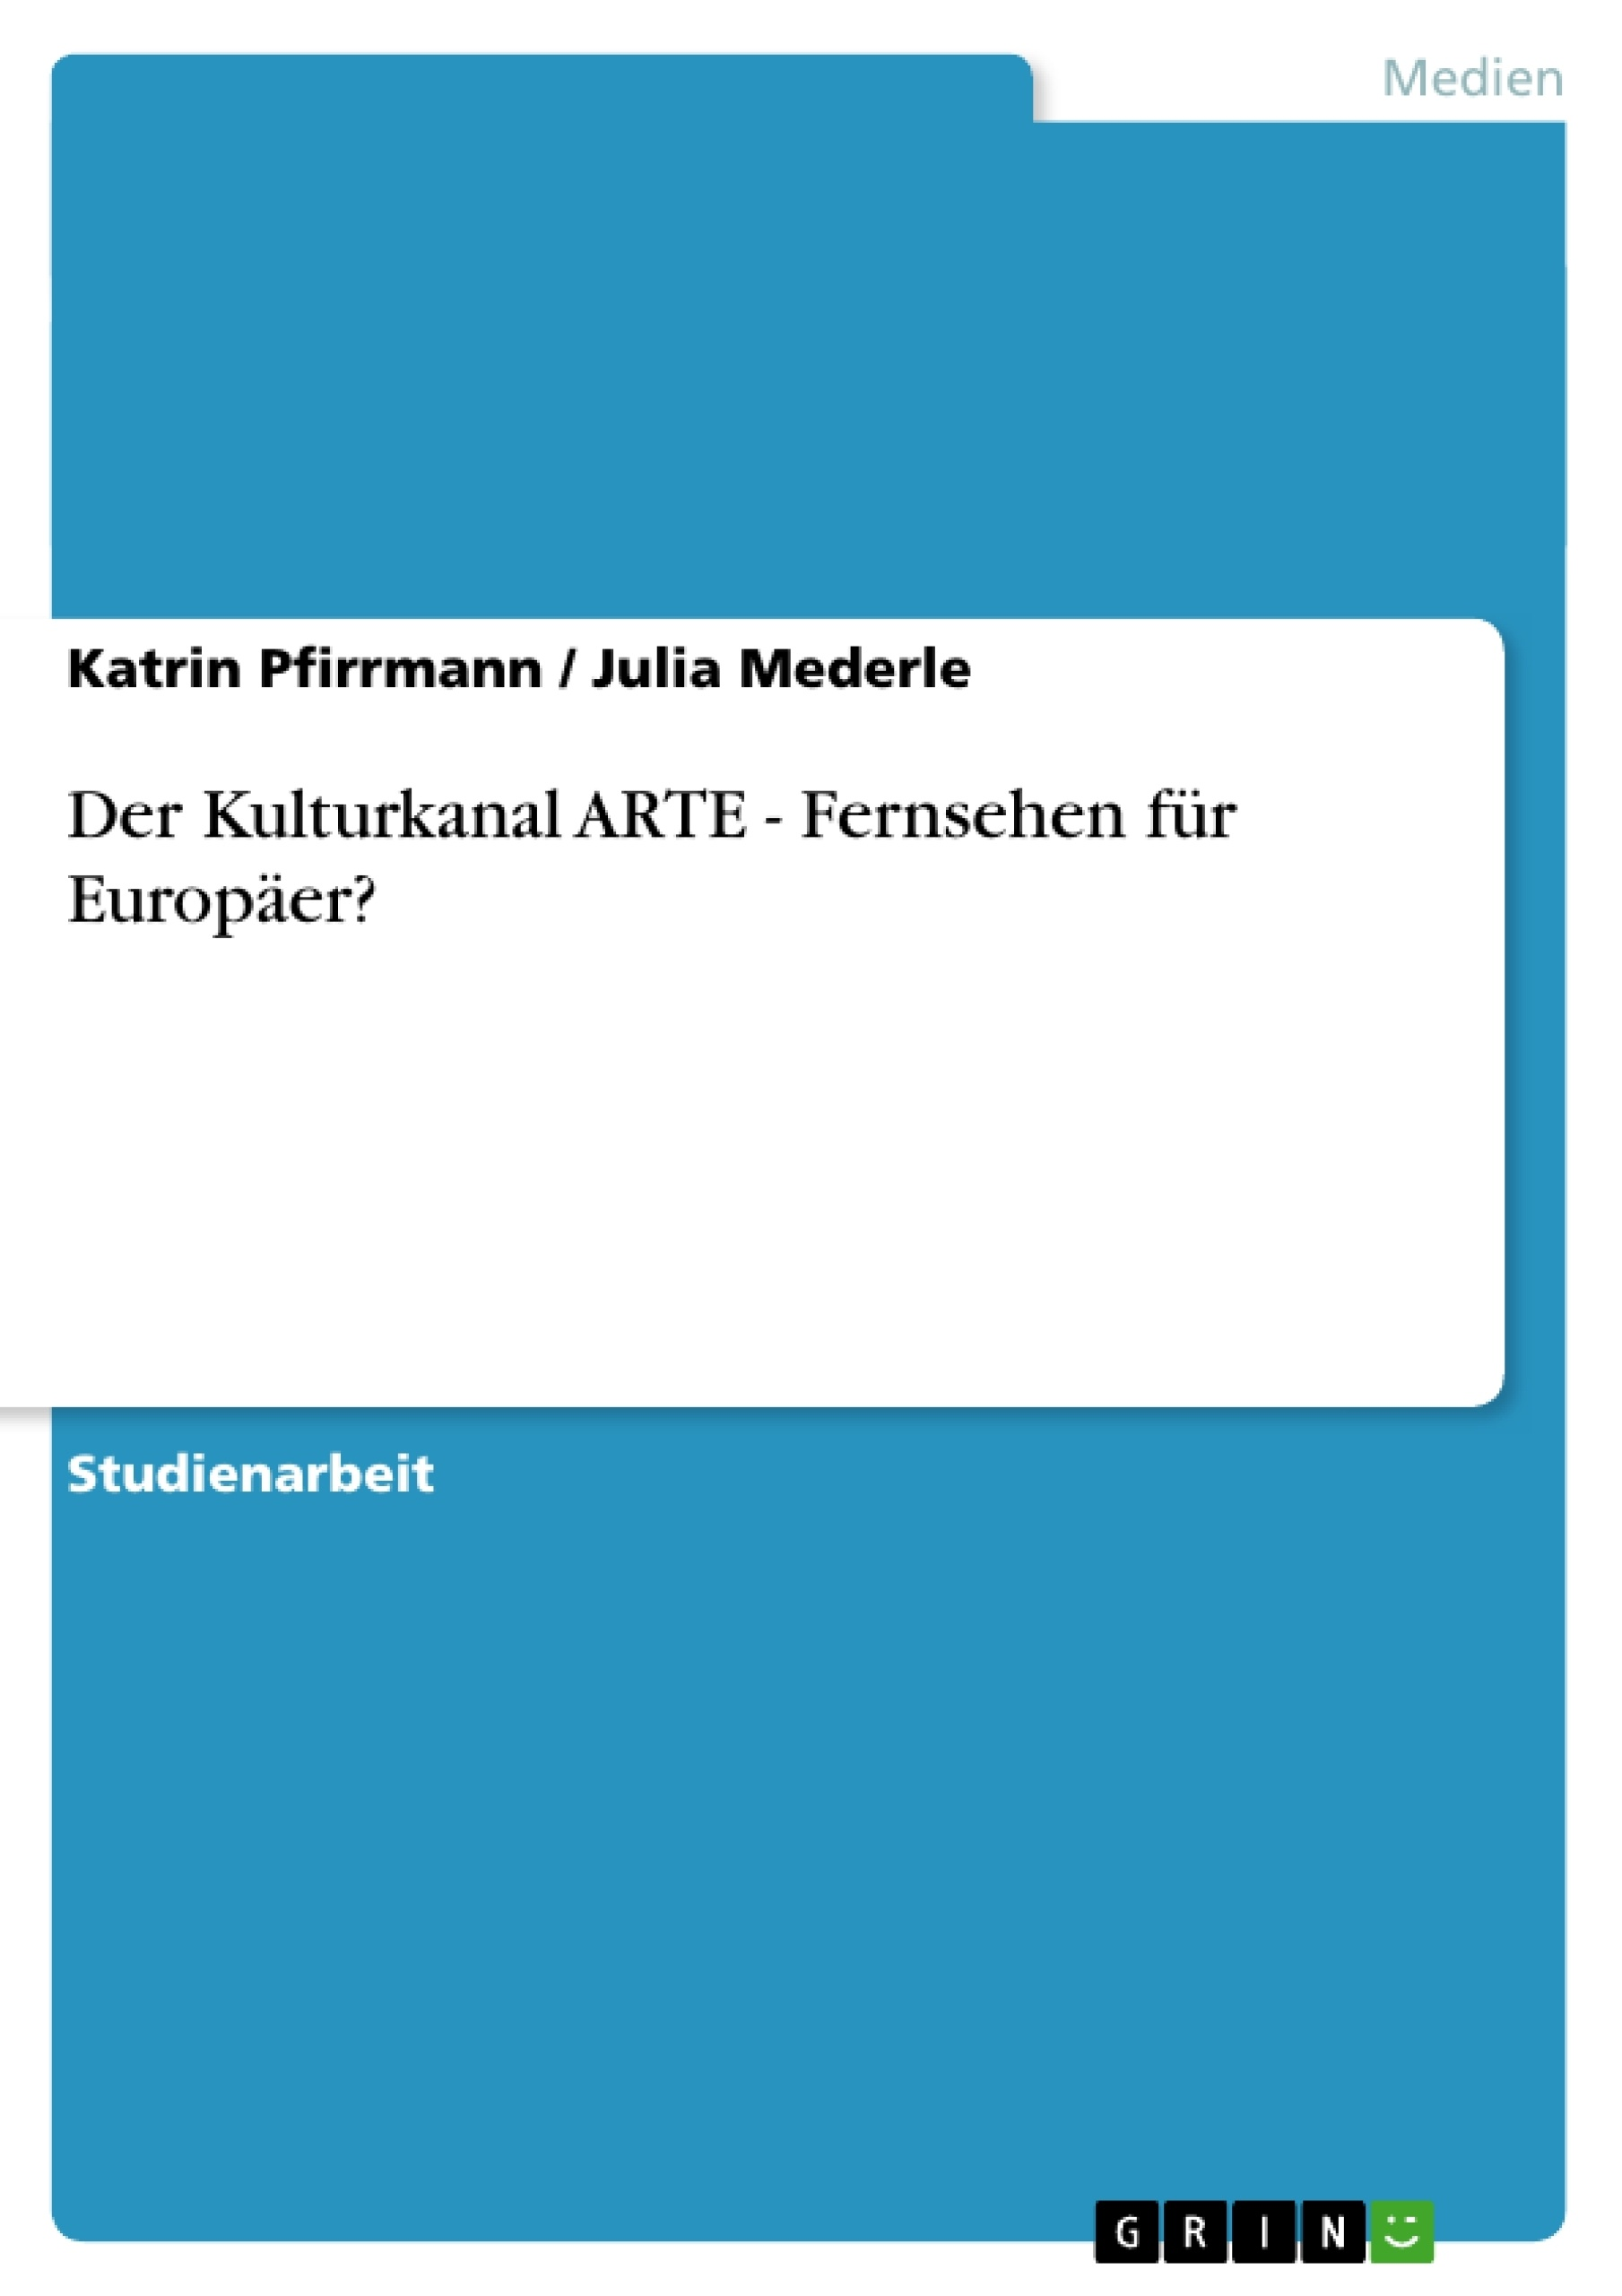 Titel: Der Kulturkanal ARTE - Fernsehen für Europäer?